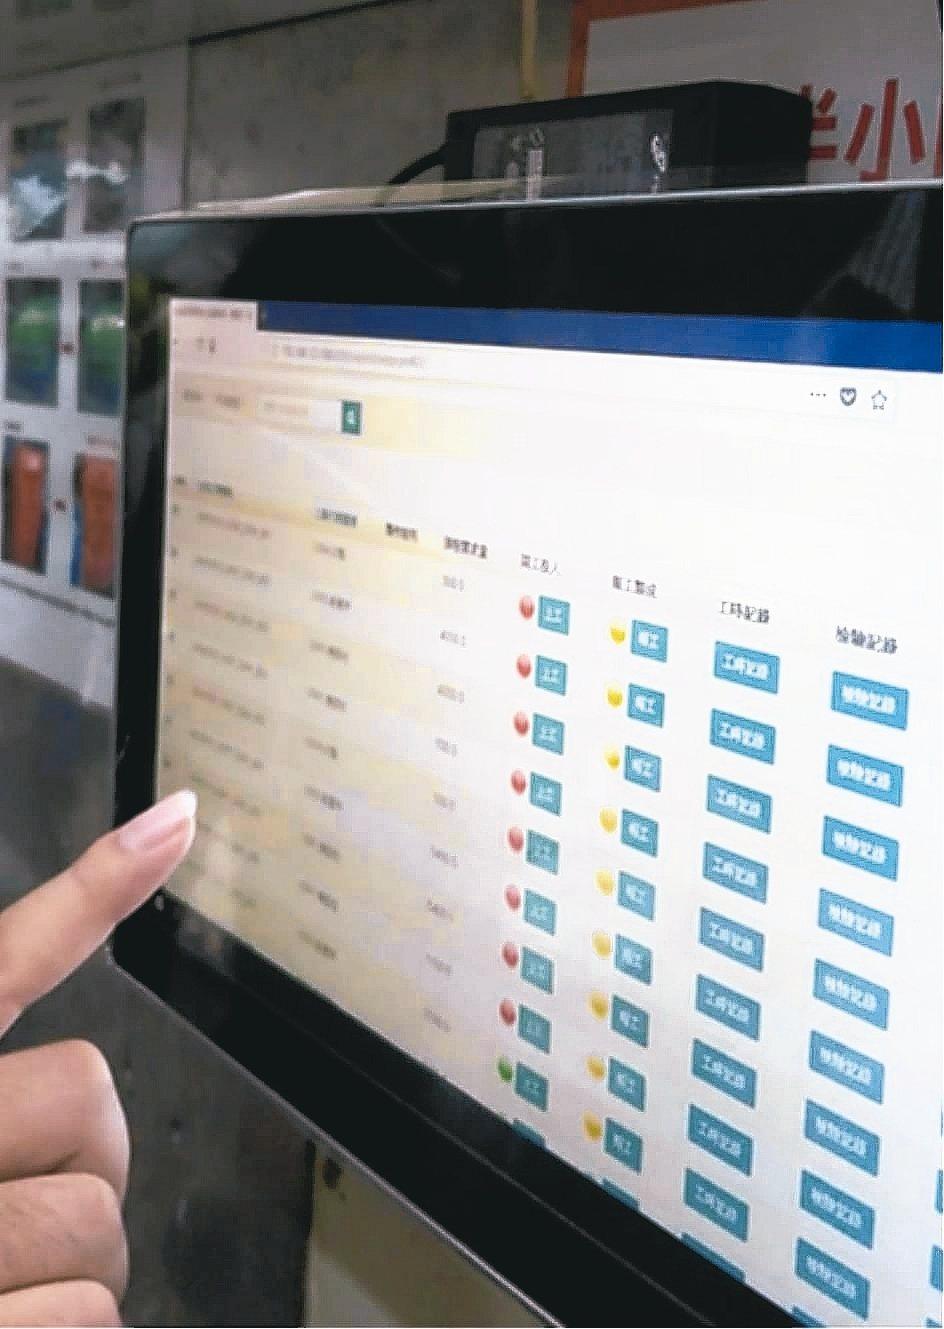 銓鼎科技智慧物流雲服務平台可發展跨裝置、多工協同、複合式影像及數據收集的資通訊系...